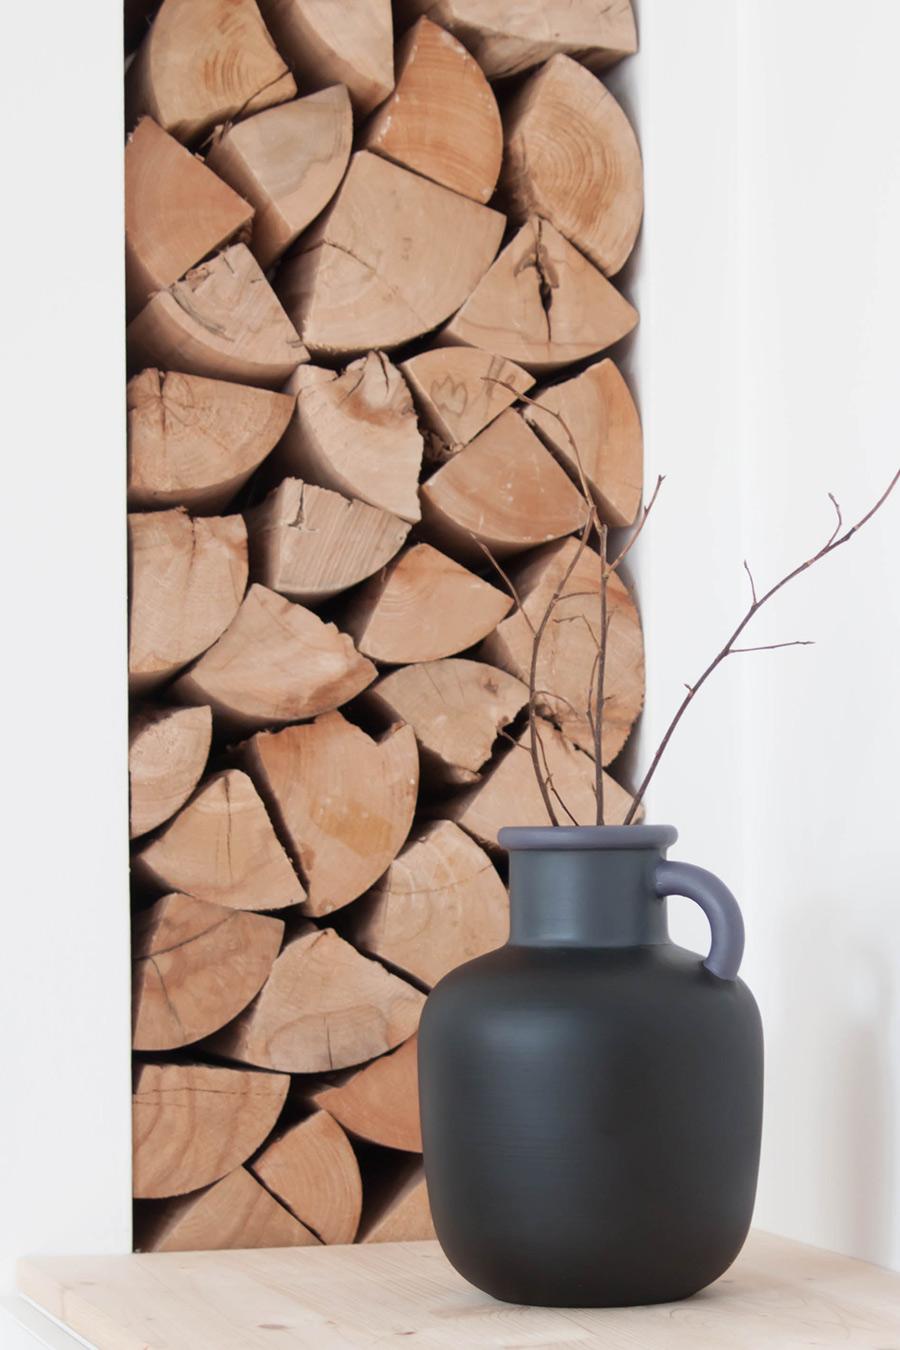 Ikea Ypperlig Vase